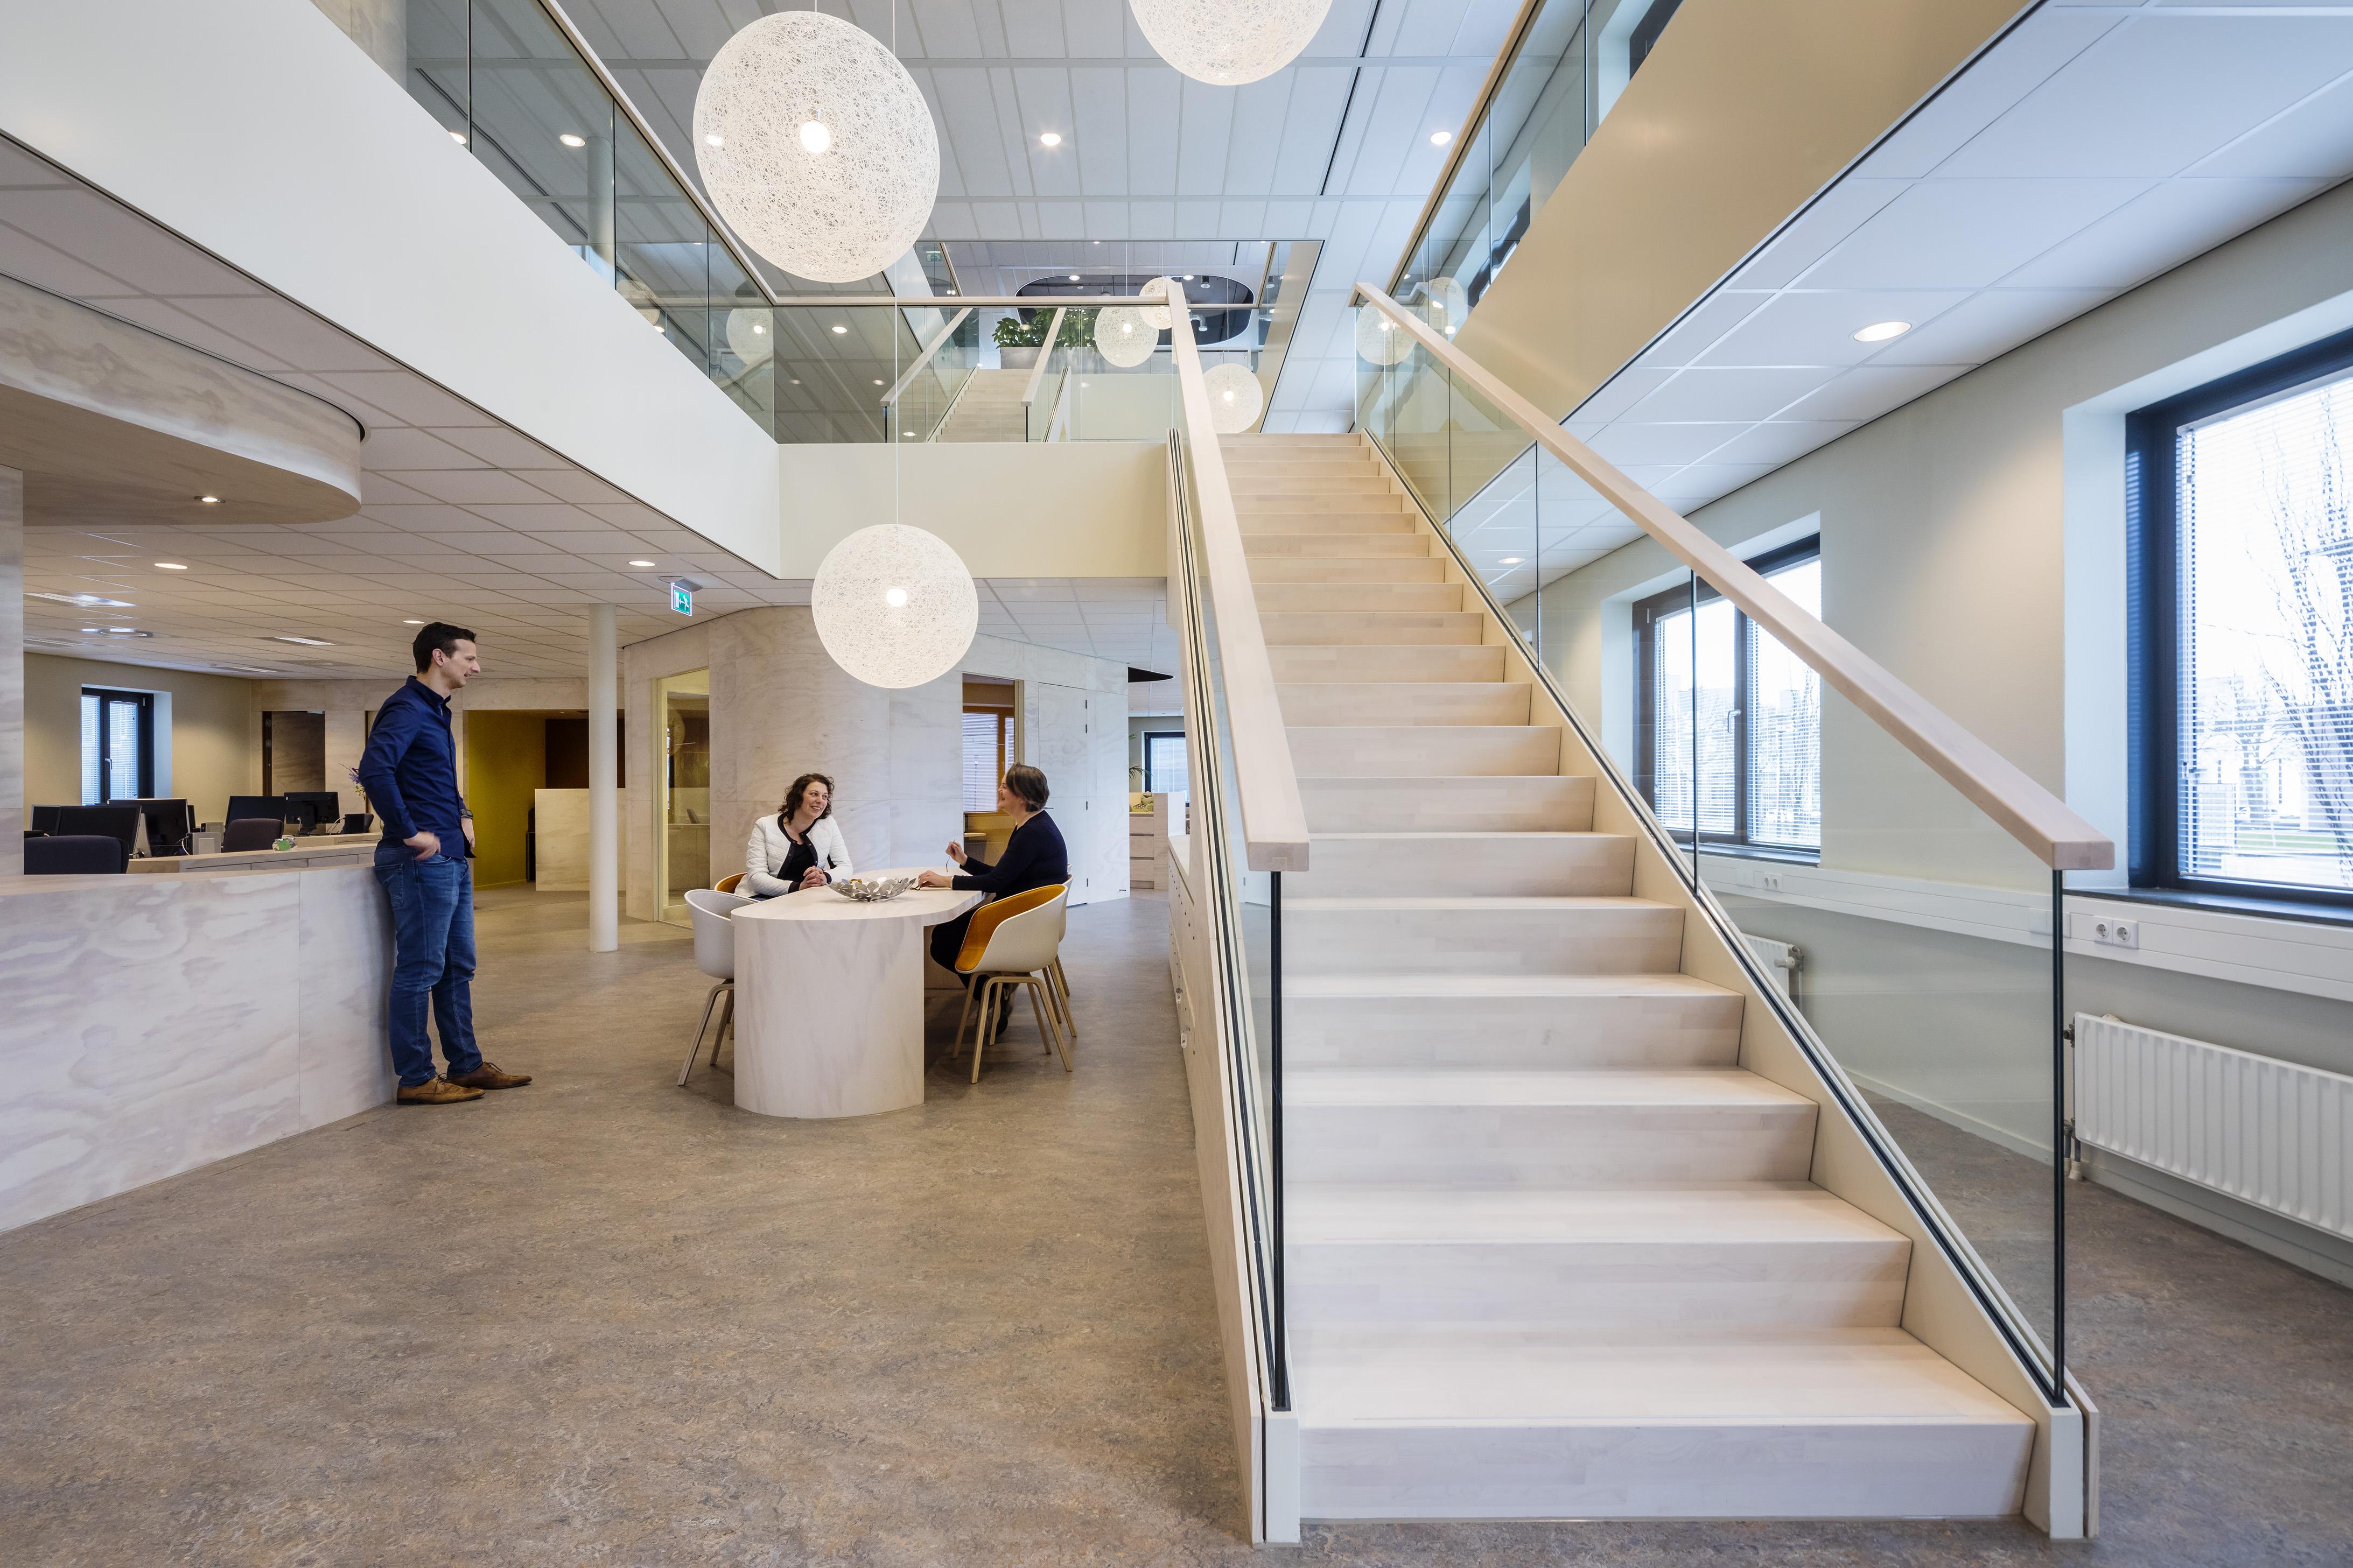 <p>helgasnelarchitecten, Fotografie: Daria Scagliola &amp; Stijn Brakkee</p>